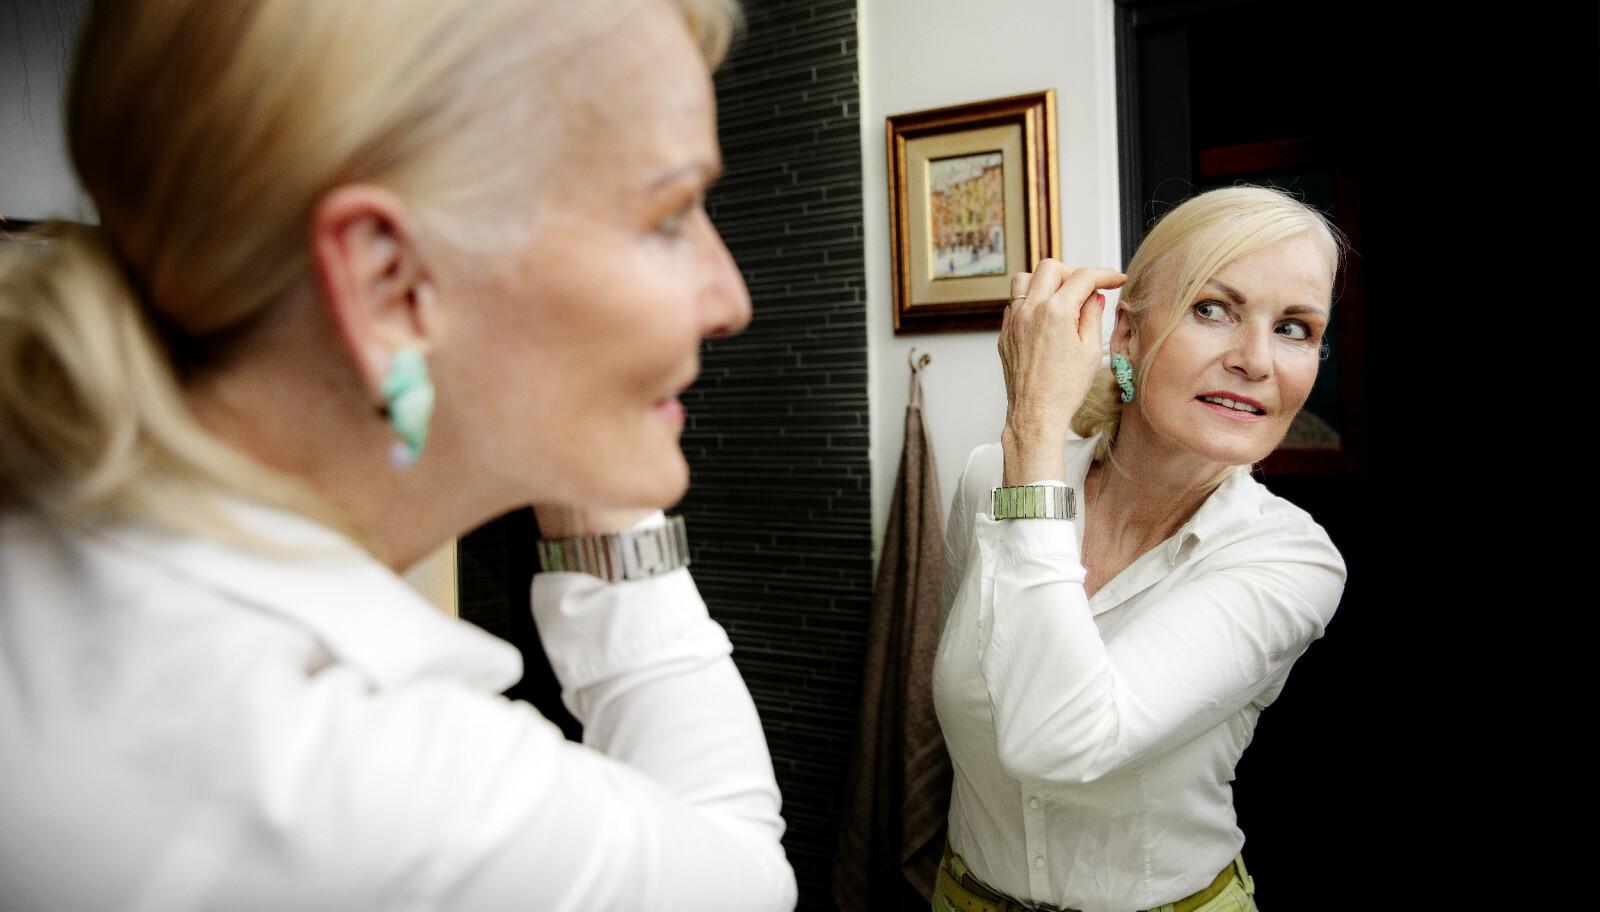 <strong>PRIORITERER UTSEENDET:</strong> Marit Bakke har blant annet fikset på huden på halsen og tar jevnlig injeksjoner med botox. - Jeg bryr meg ikke om hva folk mener, sier hun. Foto: Nina Hansen/Dagbladet